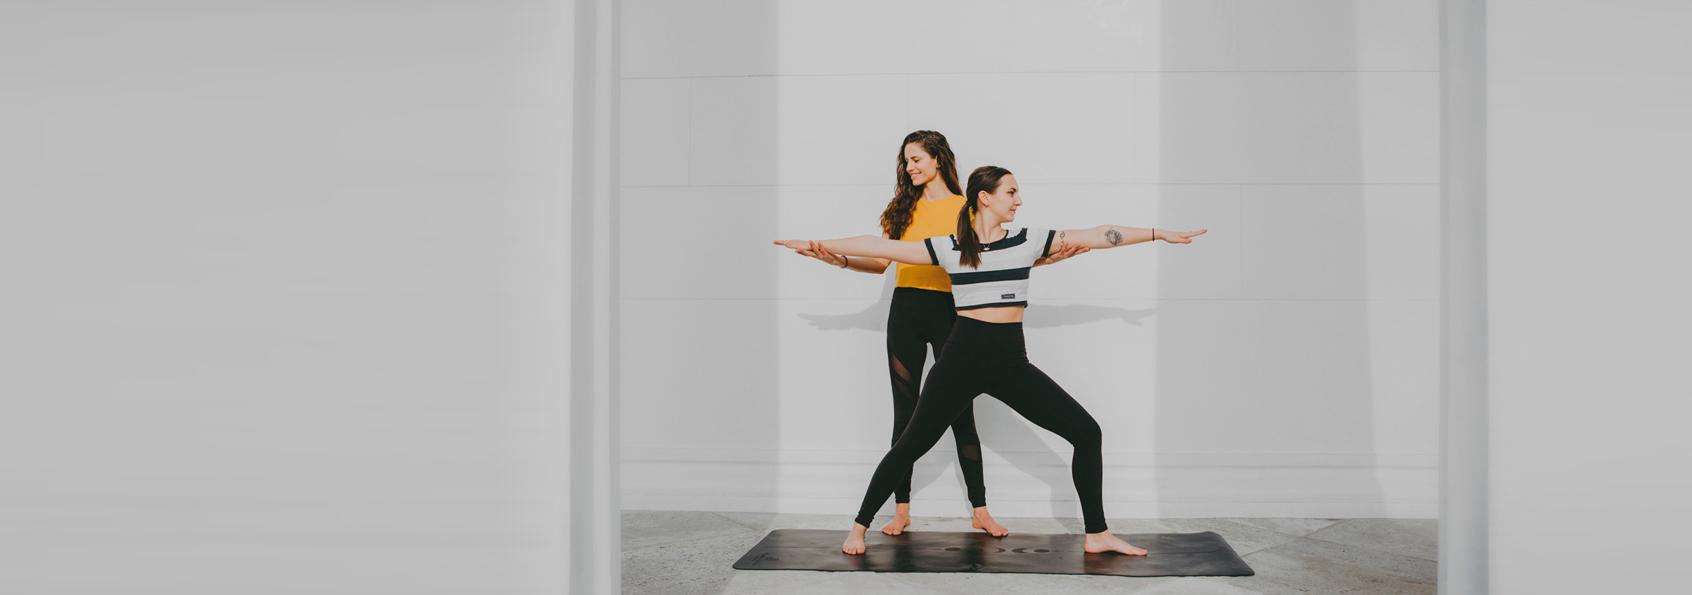 Zwei Frauen, eine in einer Yogapose.